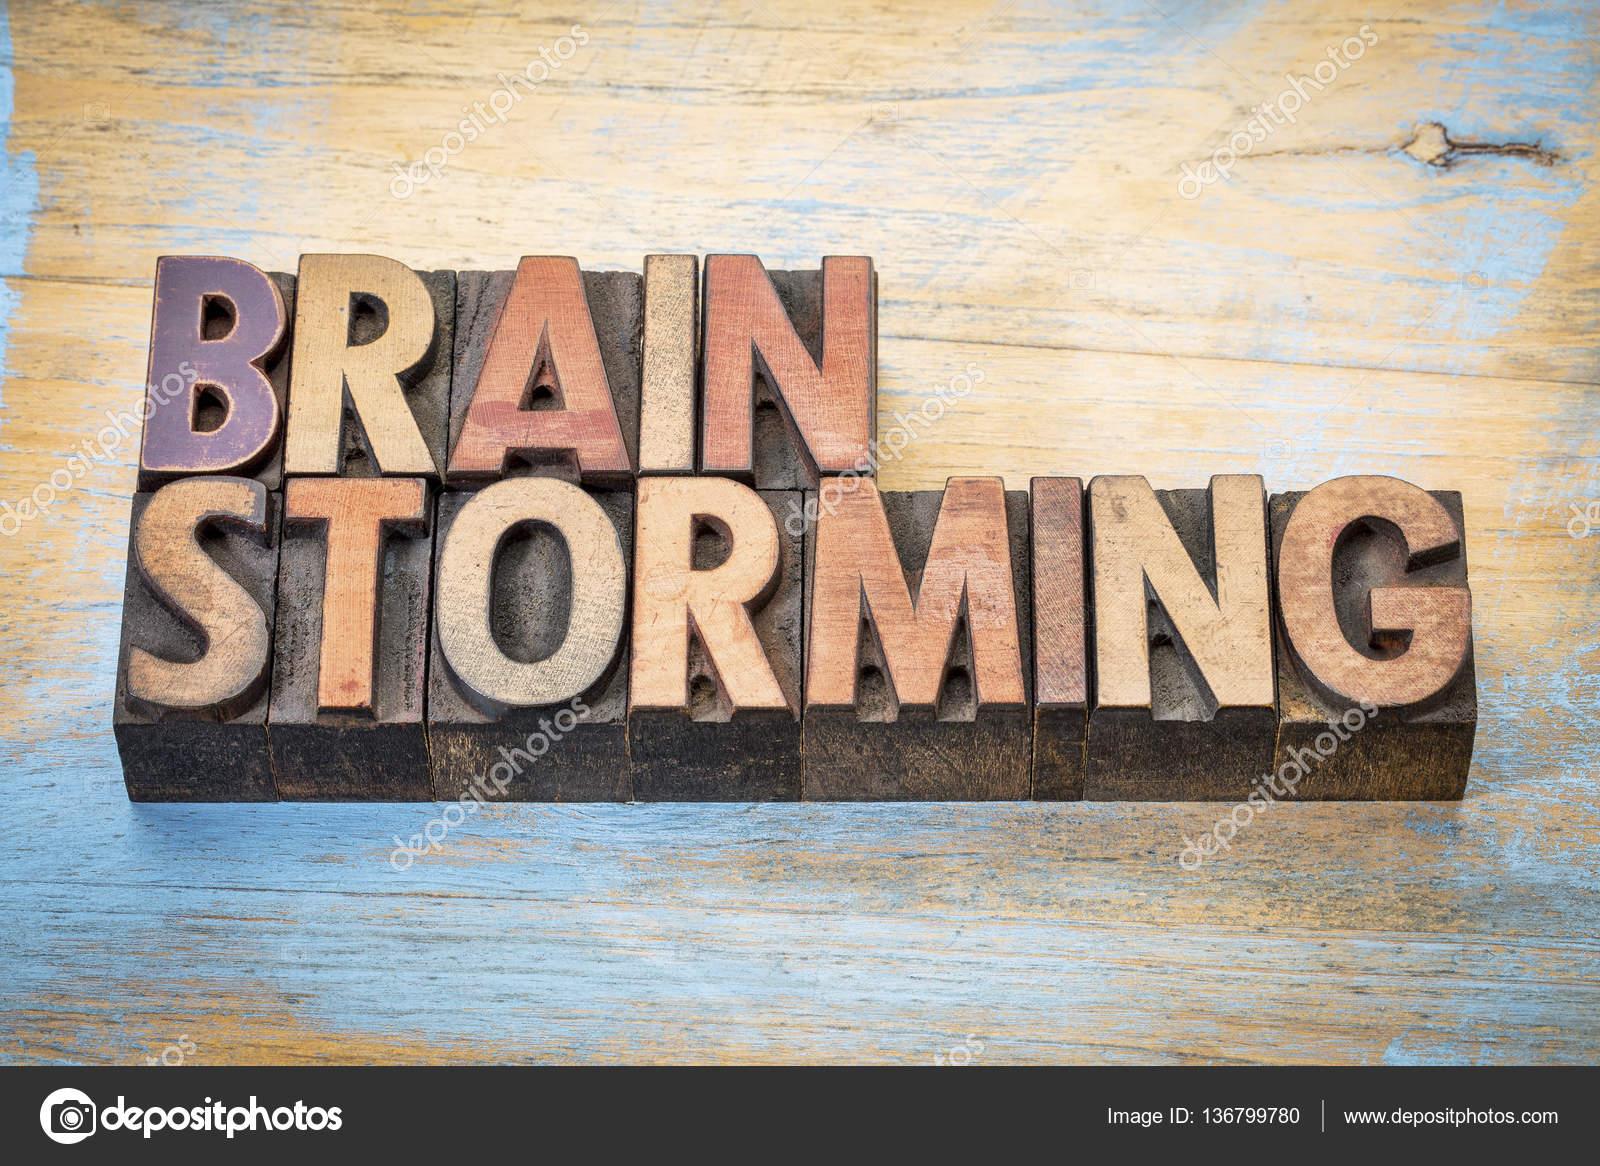 Zusammenfassung der Brainstorming-Wörter in Holz-Art — Stockfoto ...